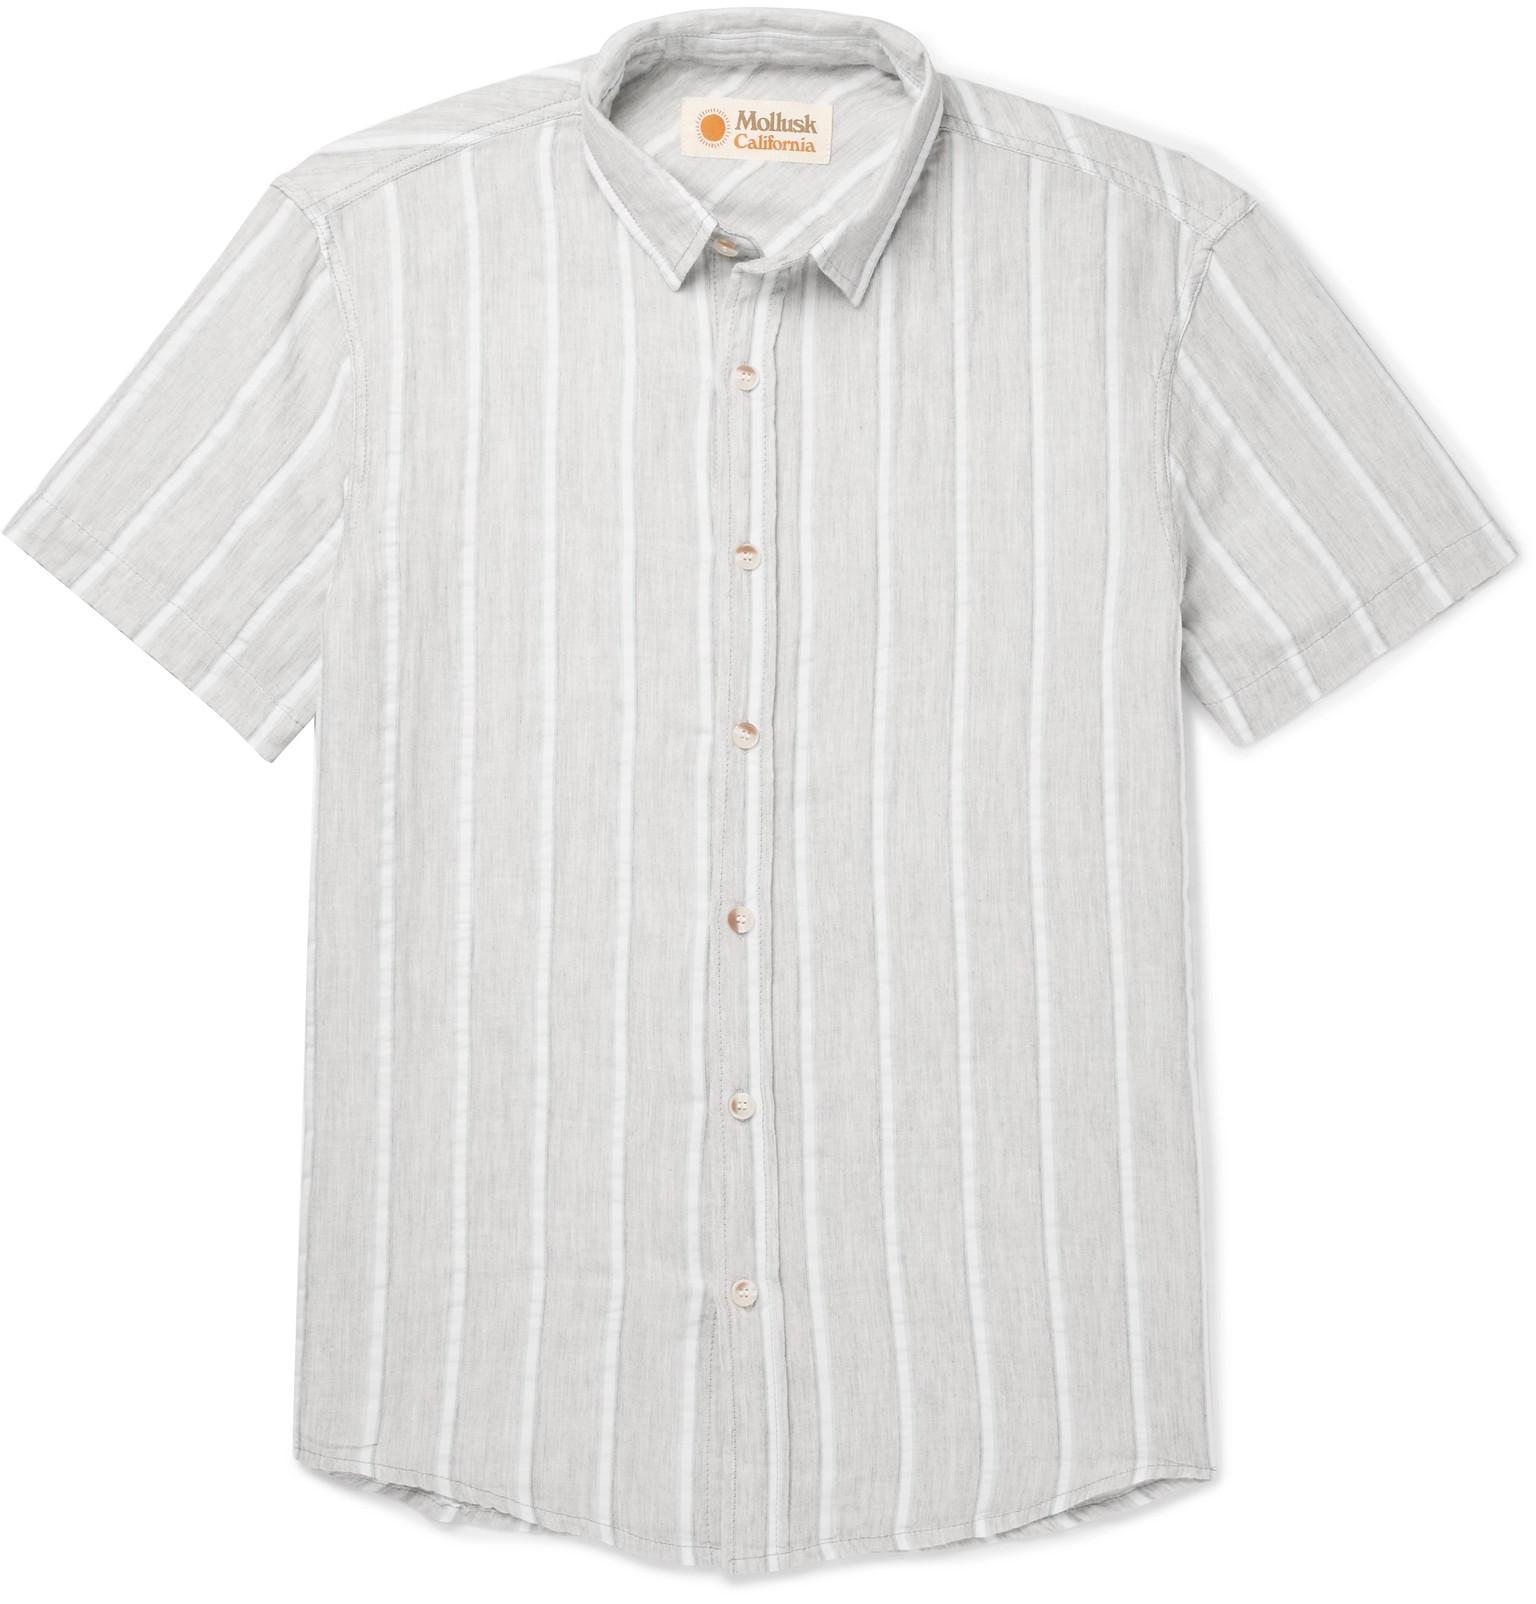 2e27653341e7 Lyst - Mollusk Striped Cotton Shirt in Gray for Men